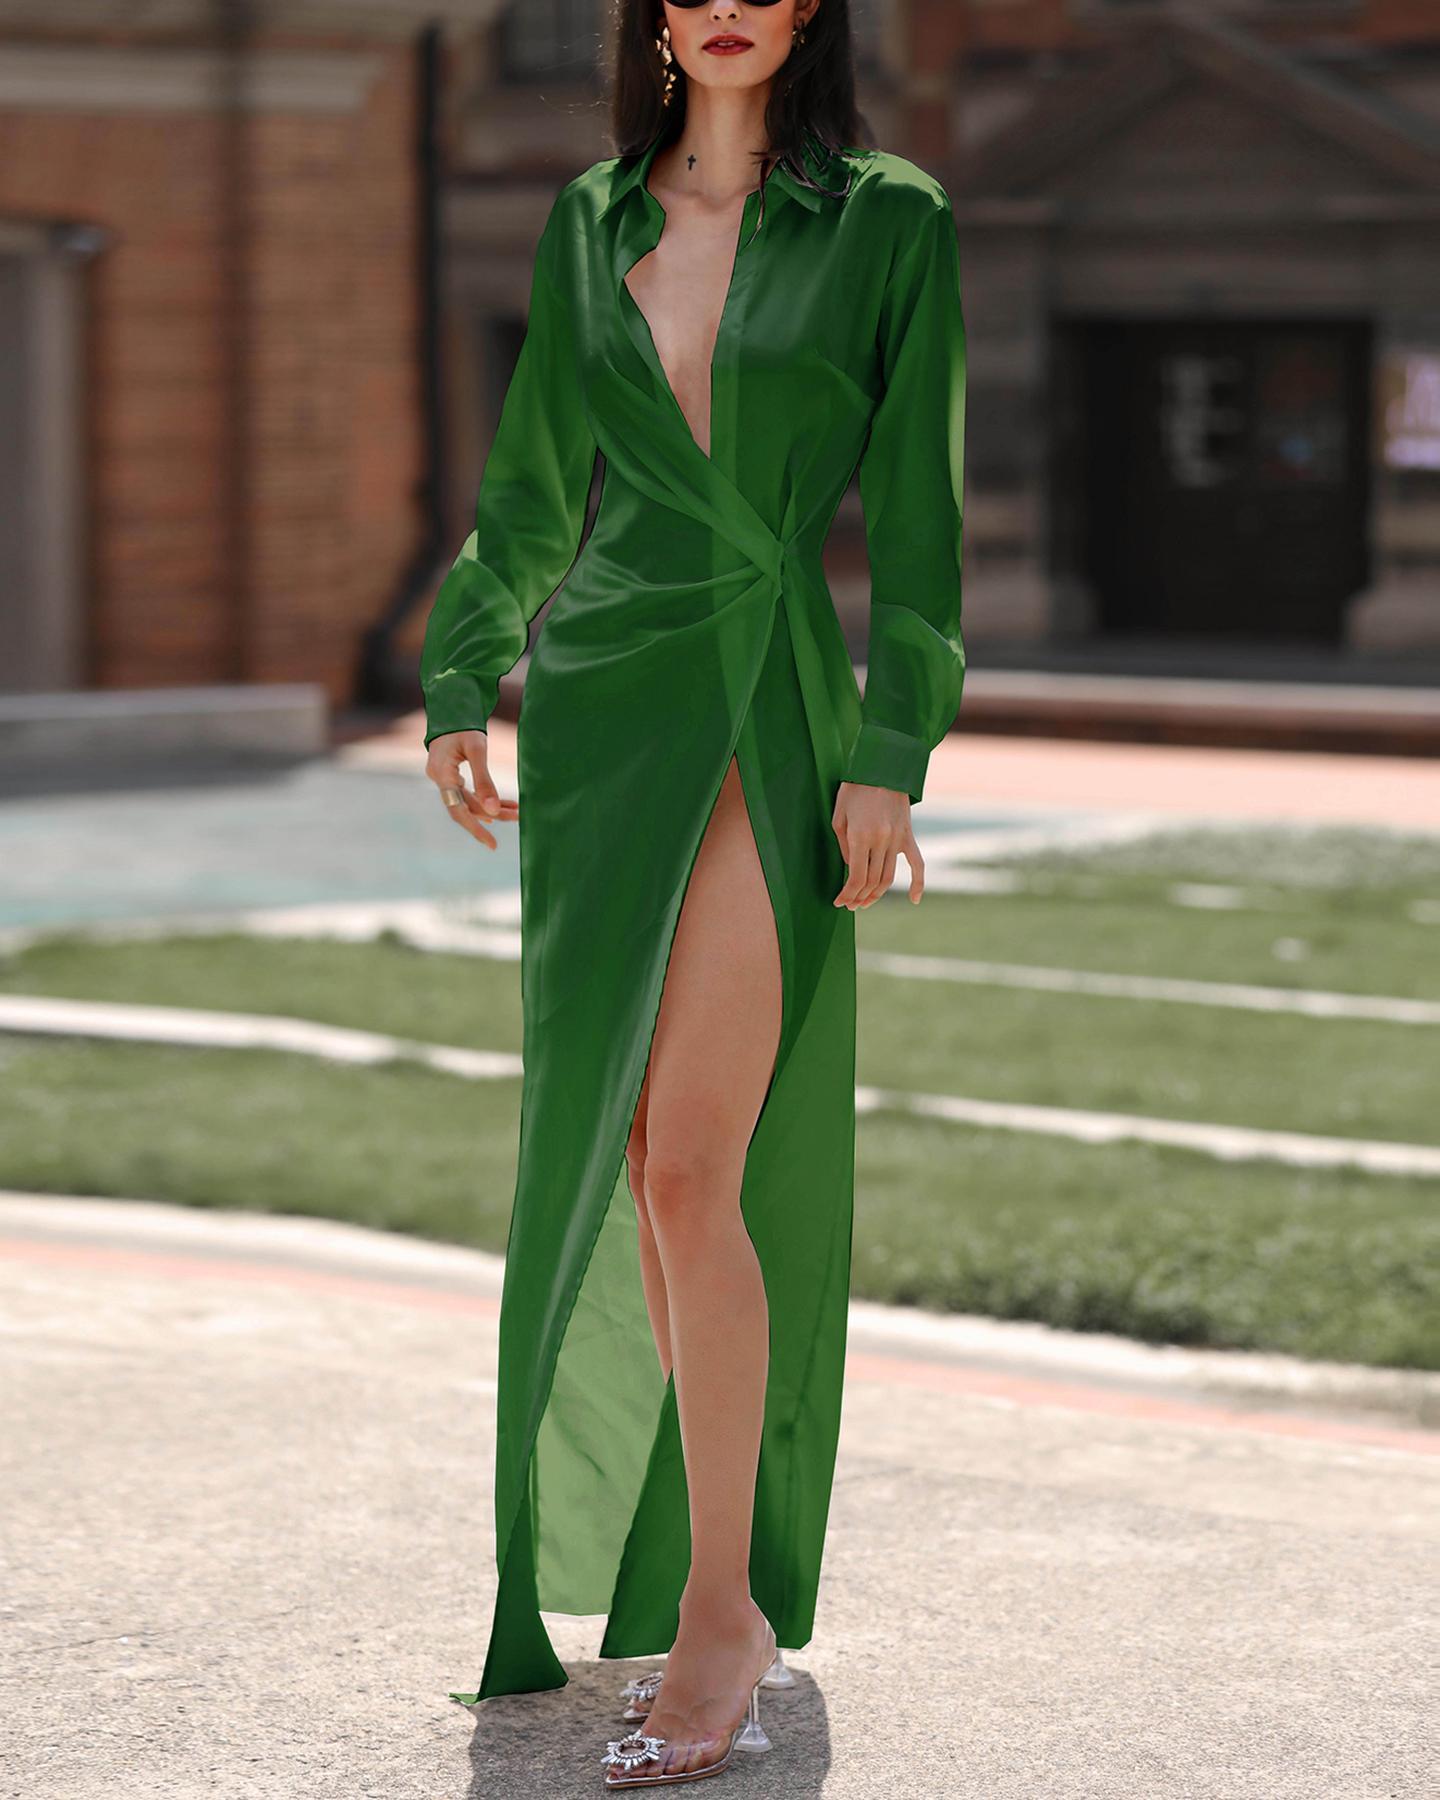 ivrose / Solid Twisted Design High Slit Maxi Dress